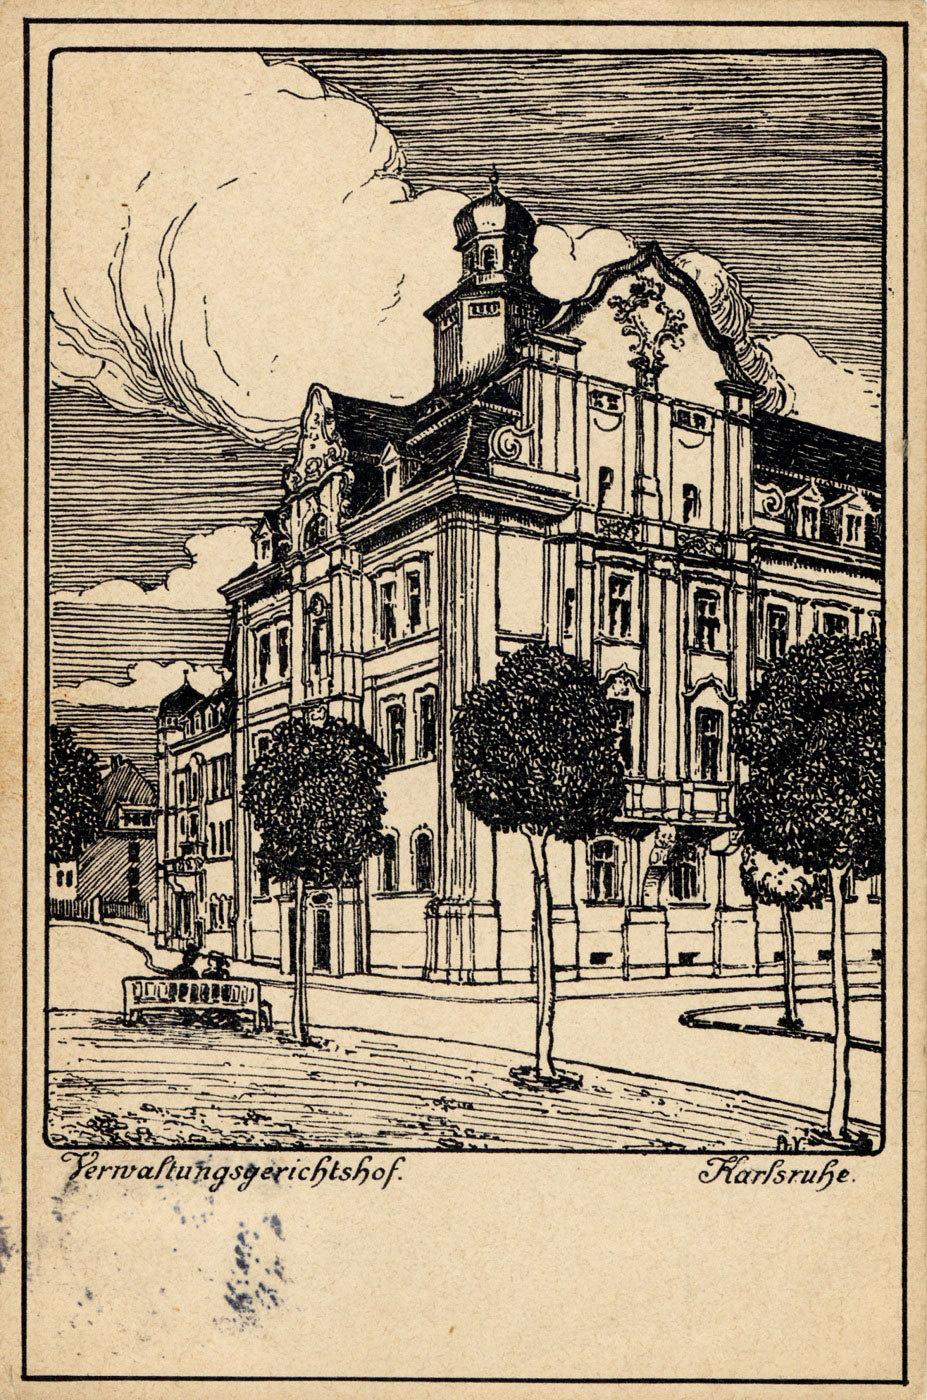 Der Verwaltungsgerichtshof in Karlsruhe im Jahr 1907